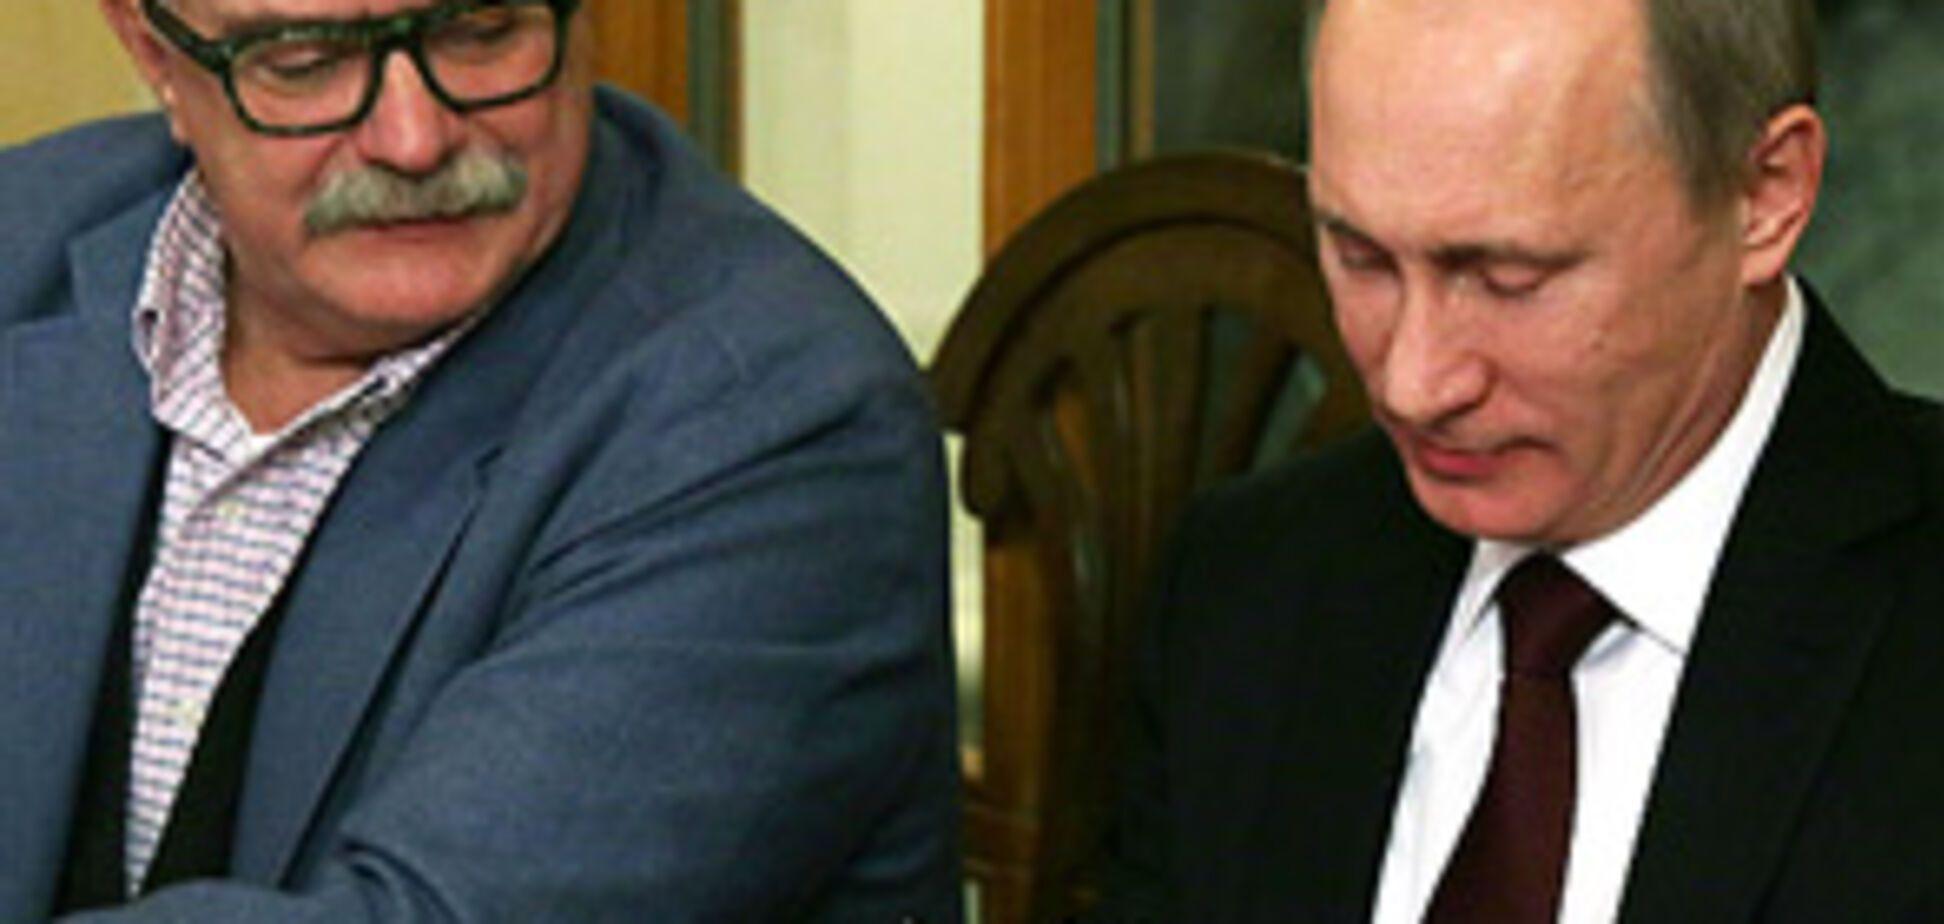 Путин 'похоронил' Михалкова. Следующие на зачистку - Шойгу-Киселев-Соловьев